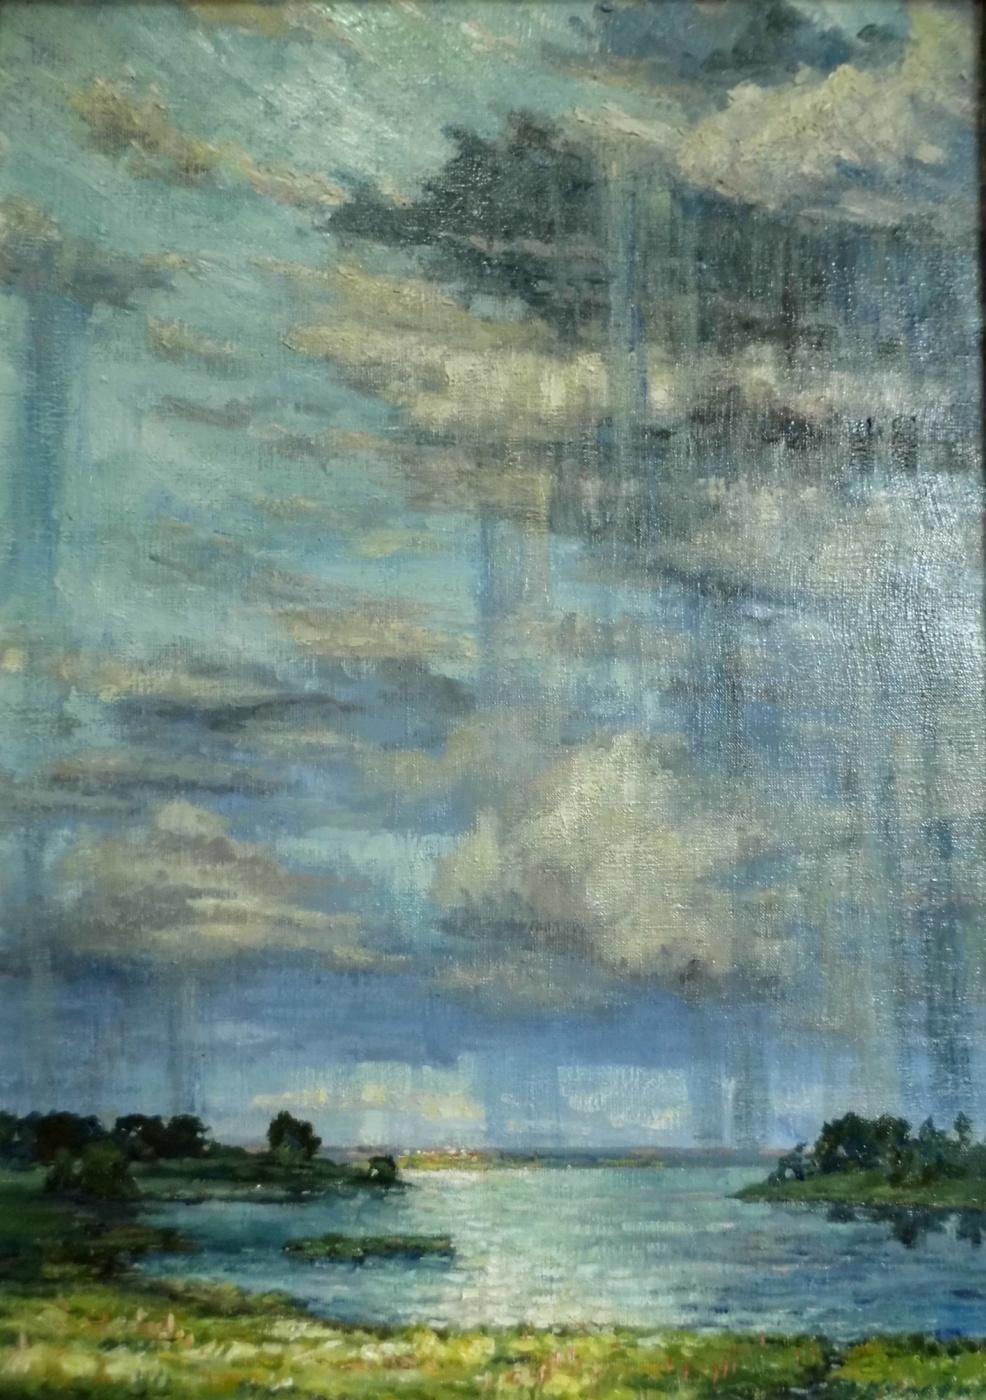 Victor Vladimirovich Kuryanov. The storm is going away